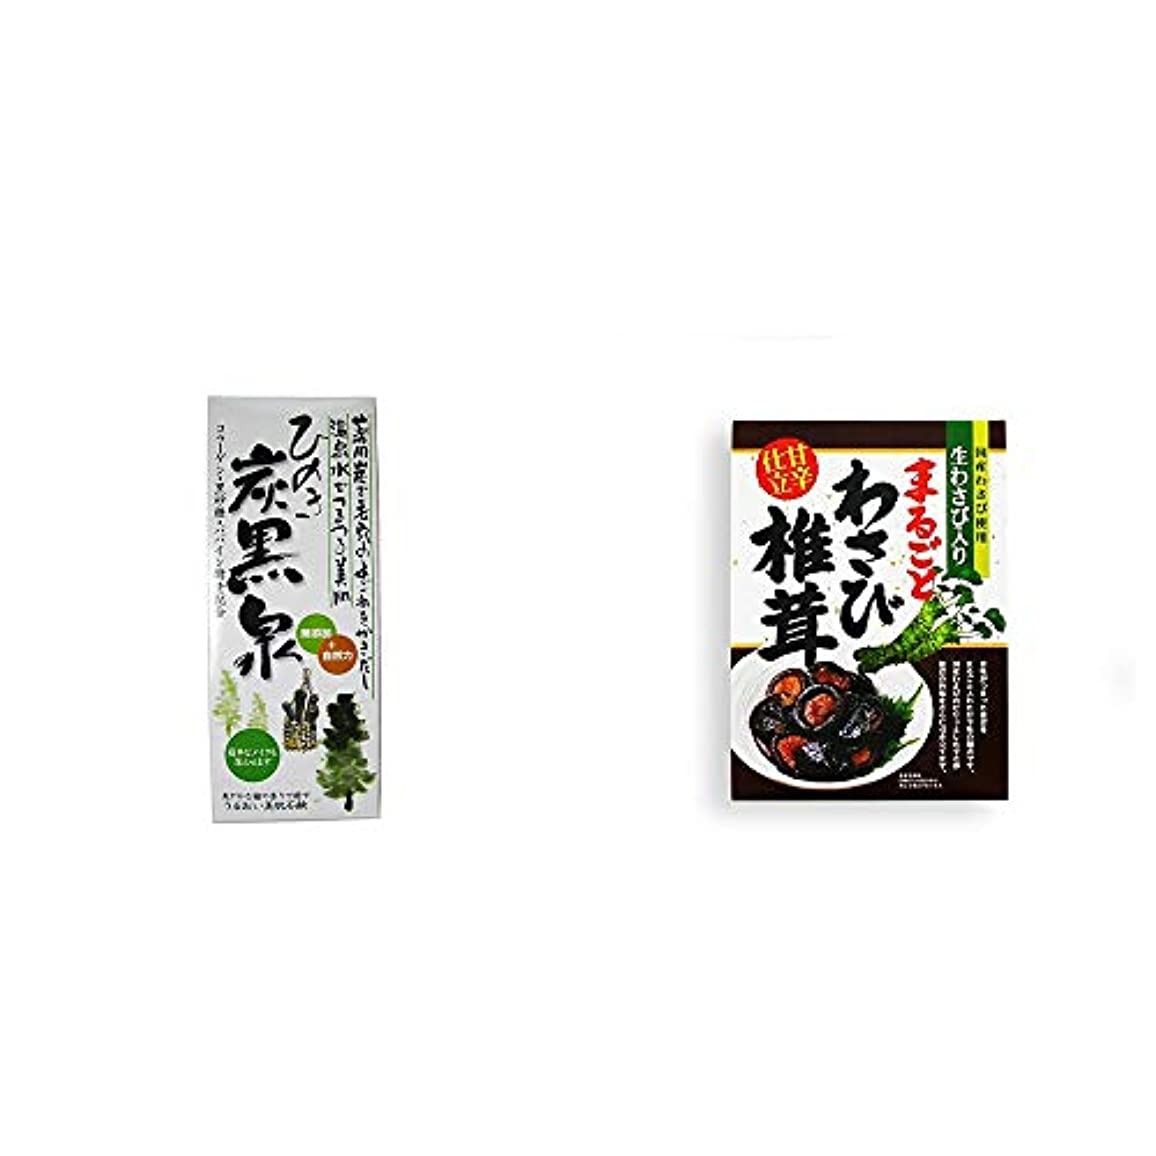 おかしいミンチ文字通り[2点セット] ひのき炭黒泉 箱入り(75g×3)?まるごとわさび椎茸(200g)